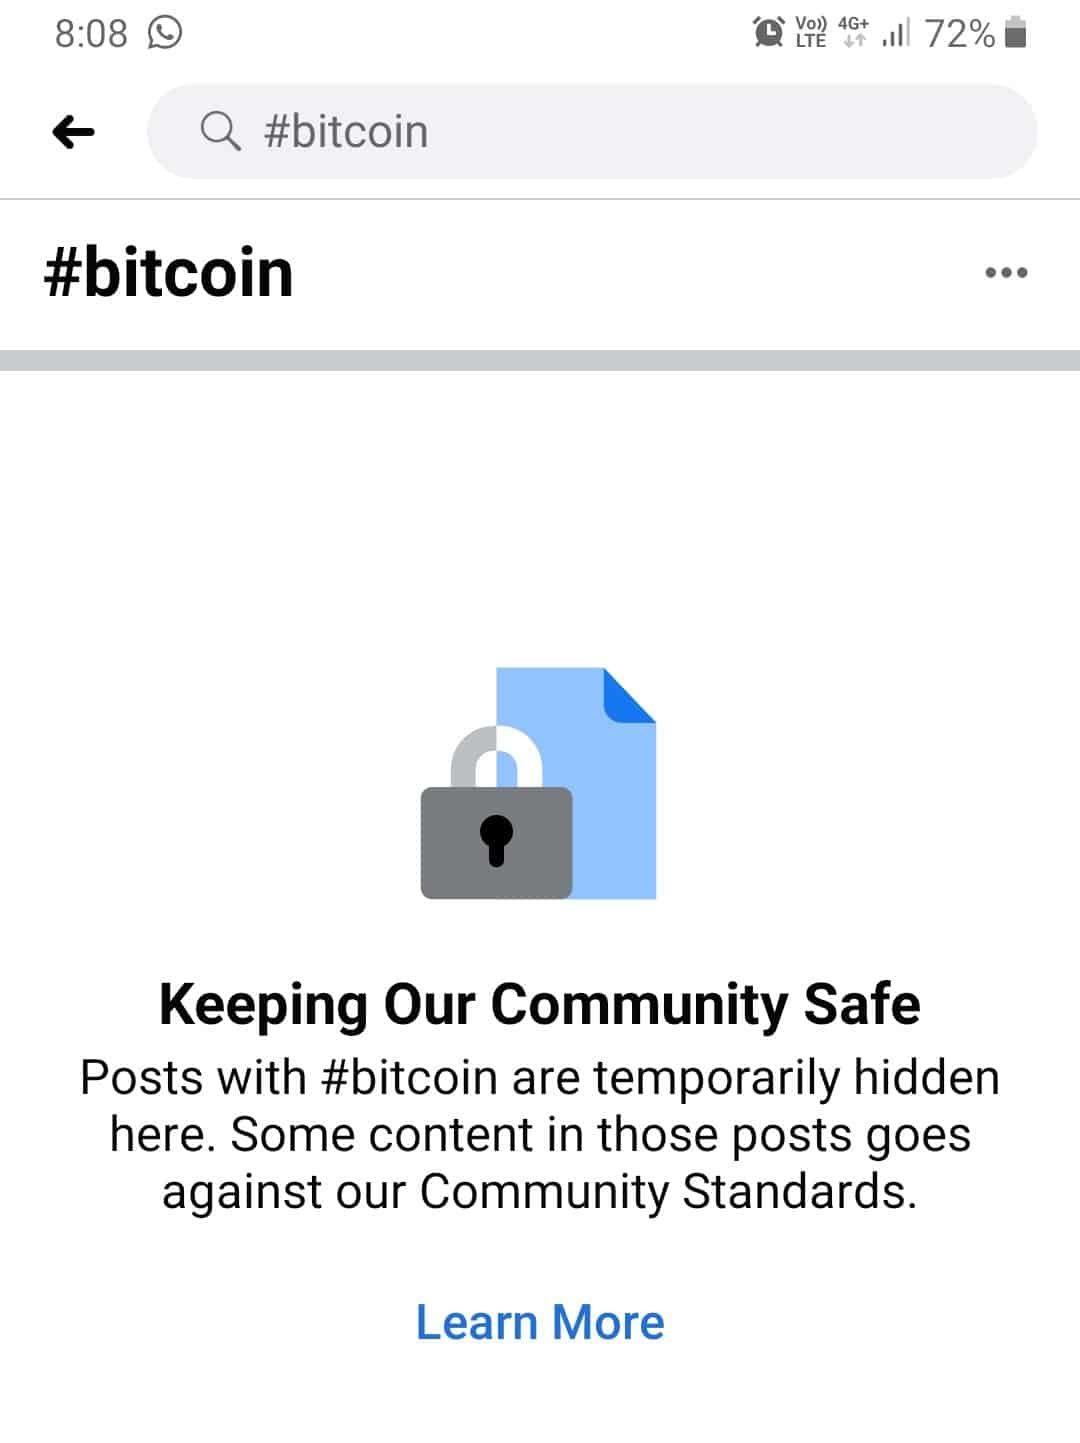 سانسور مجدد محتوای مربوط به بیت کوین در فیسبوک